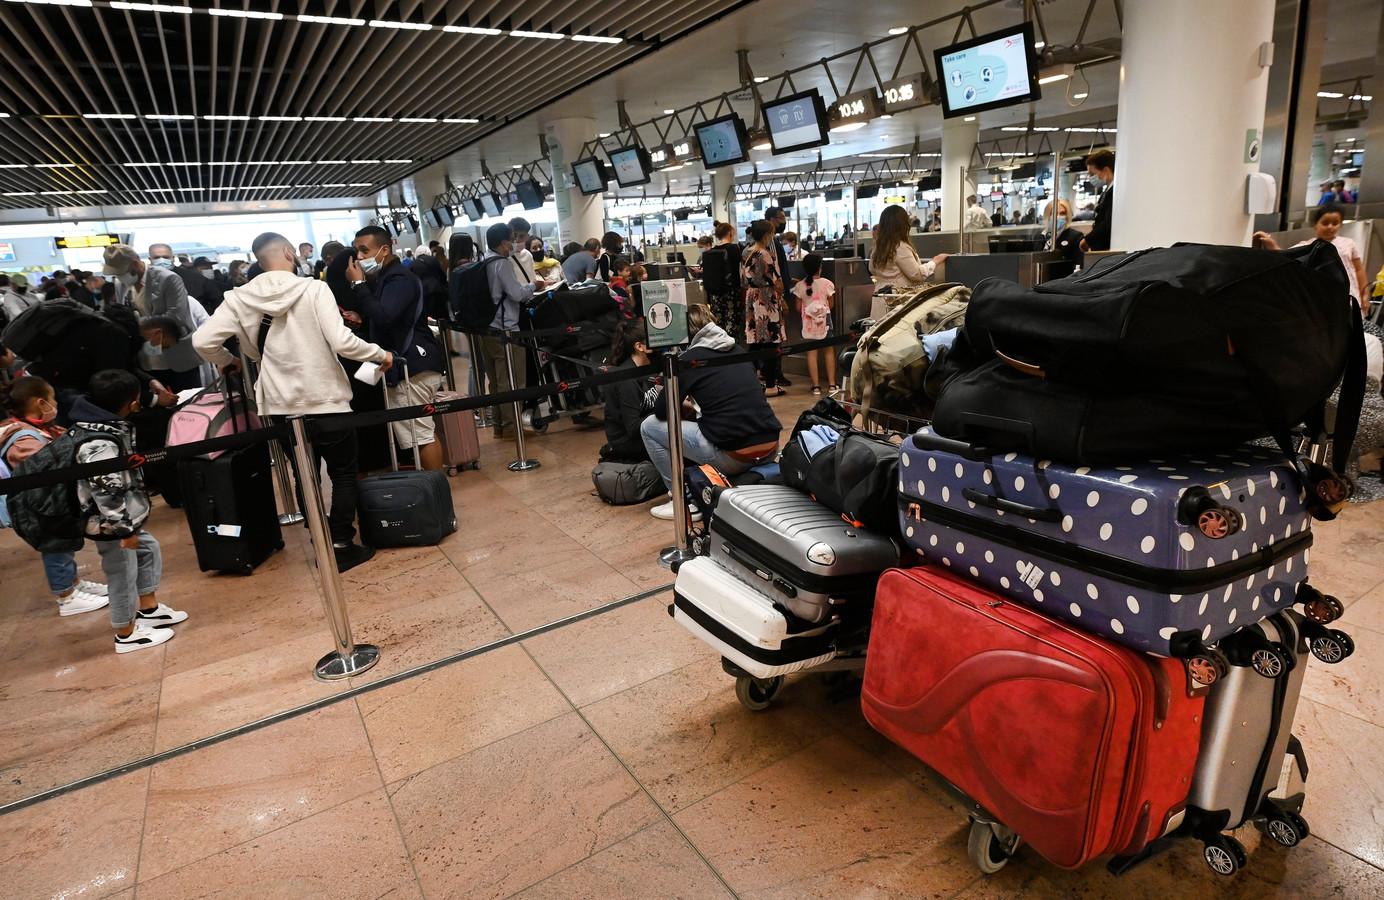 Het wordt steeds drukker op Brussels Airport.